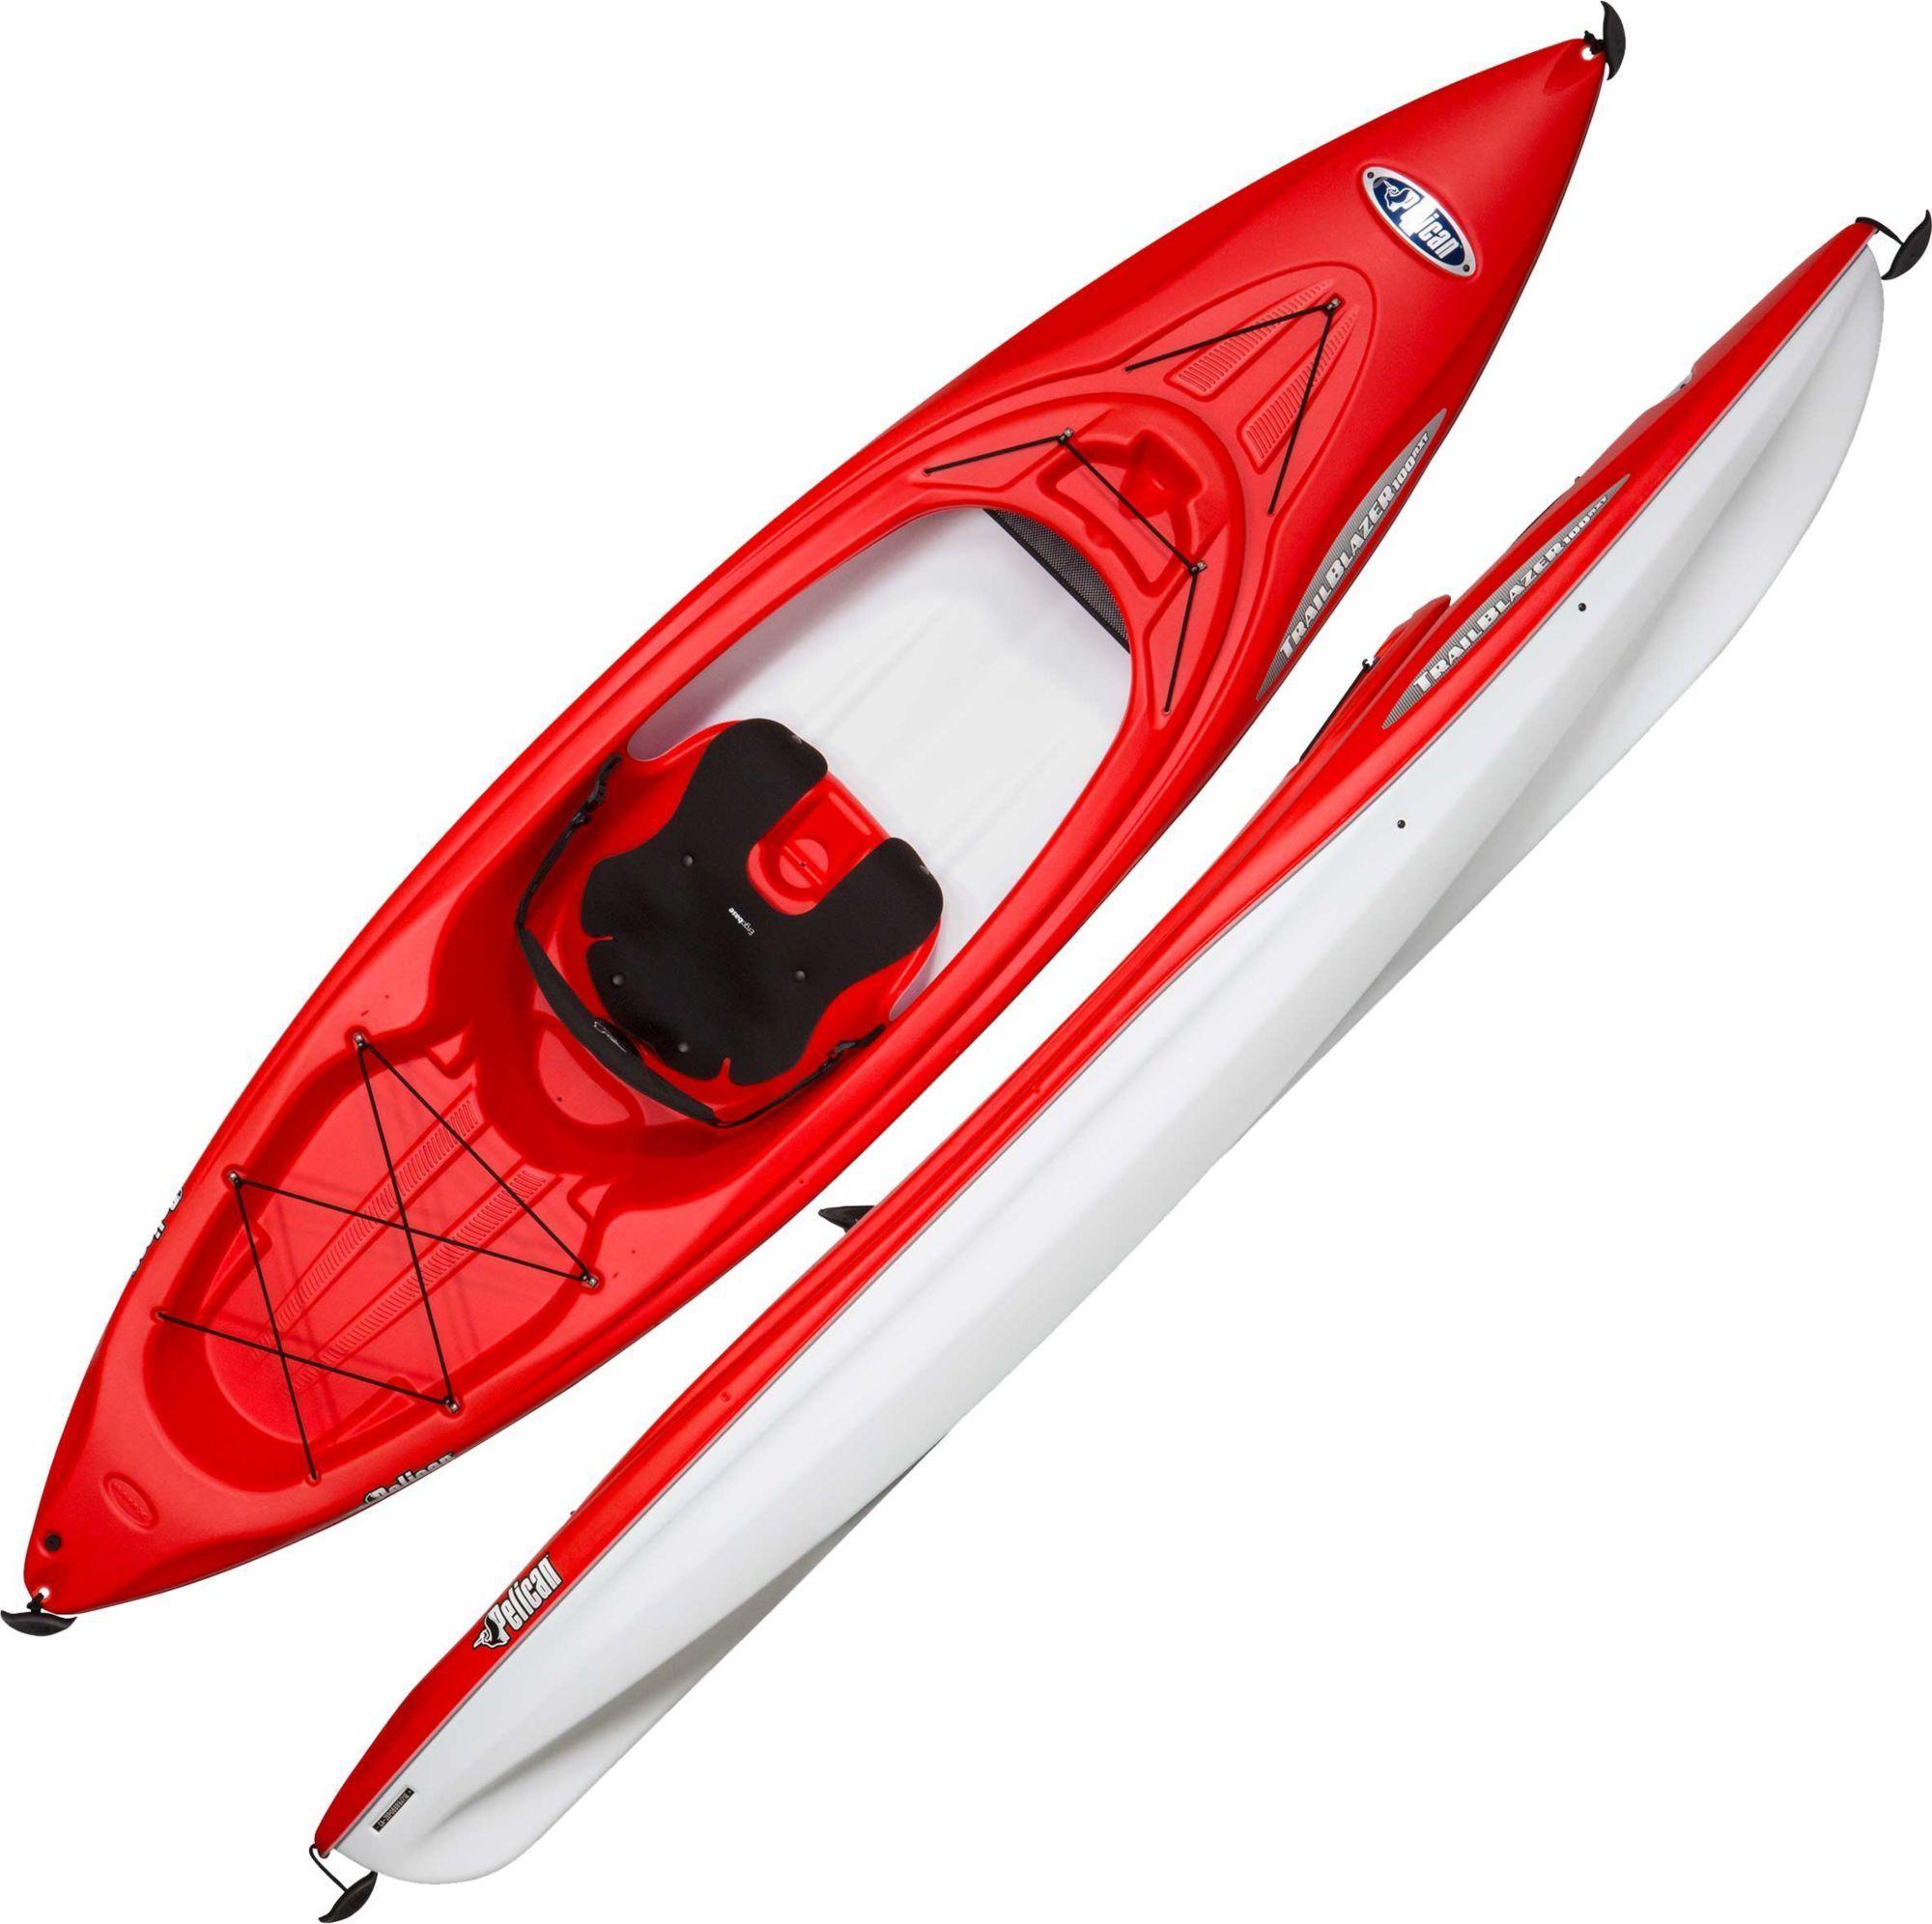 Brilliant Buying A 200 Kayak Ideas Kayaking Recreational Kayak Kayak Accessories